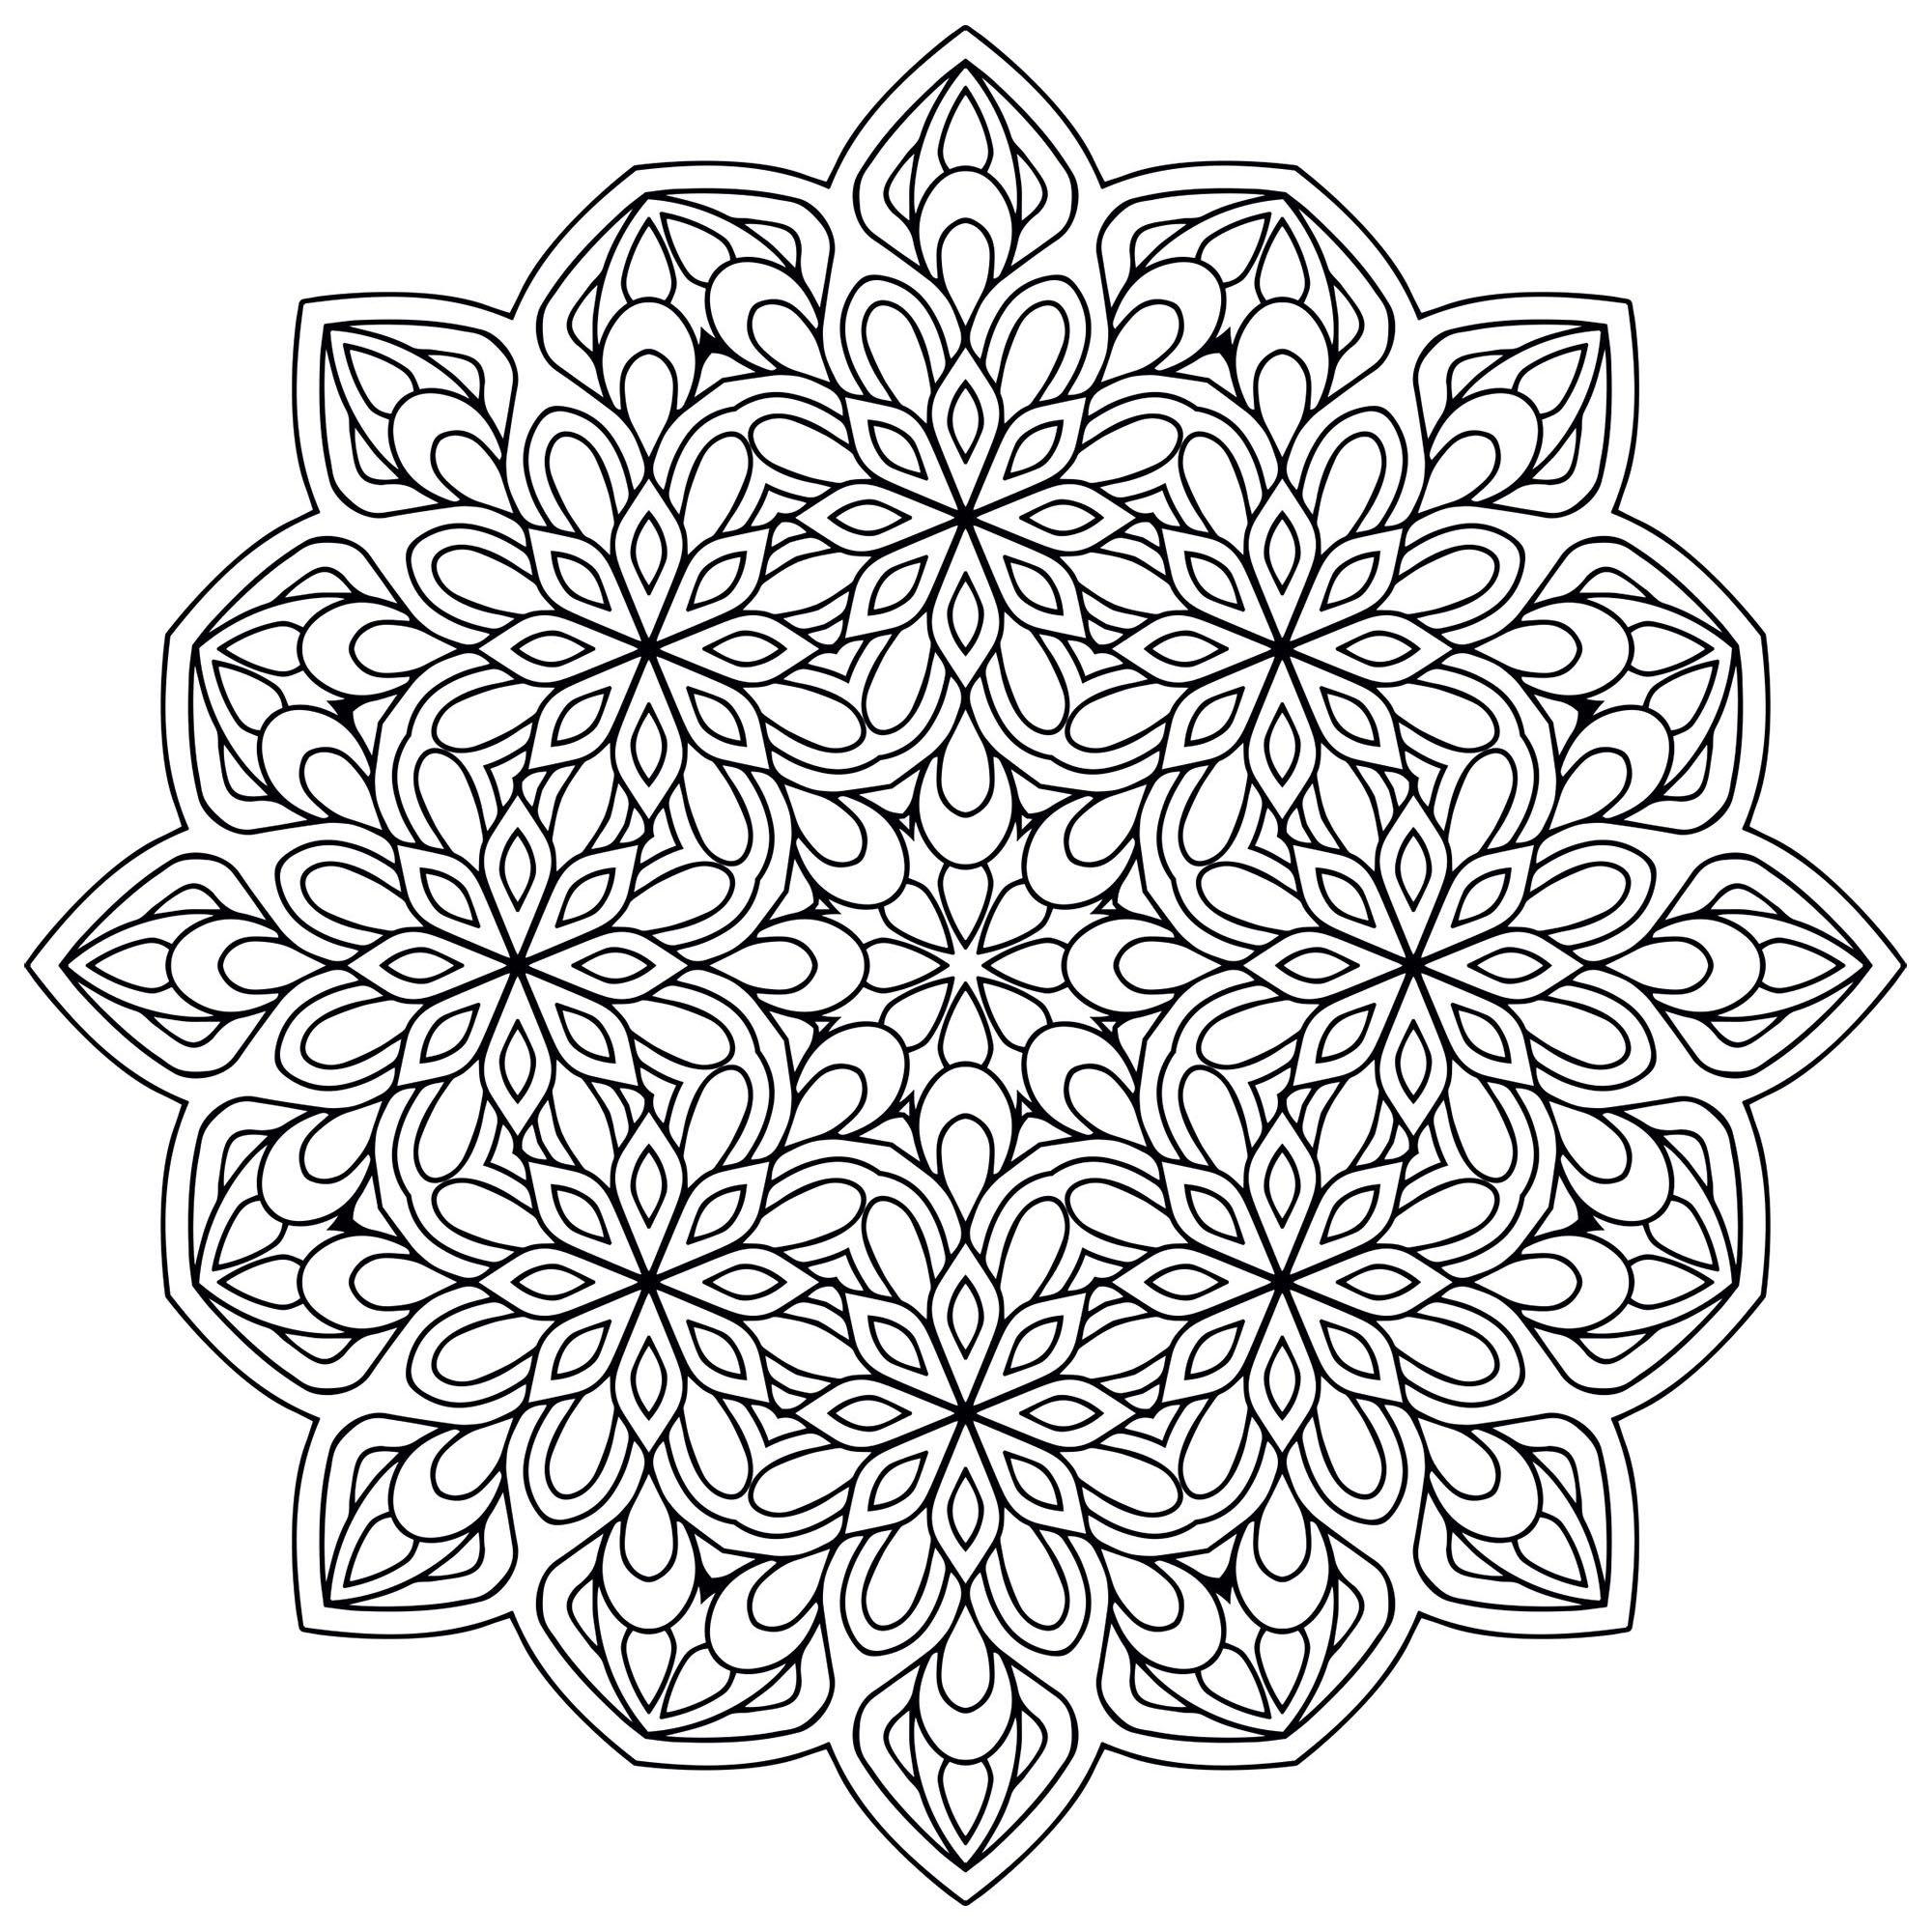 Anti Stress Zen Disegni Da Colorare Per Adulti Disegni Da Colorare Pagine Da Colorare Per Adulti Pagine Da Colorare Mandala